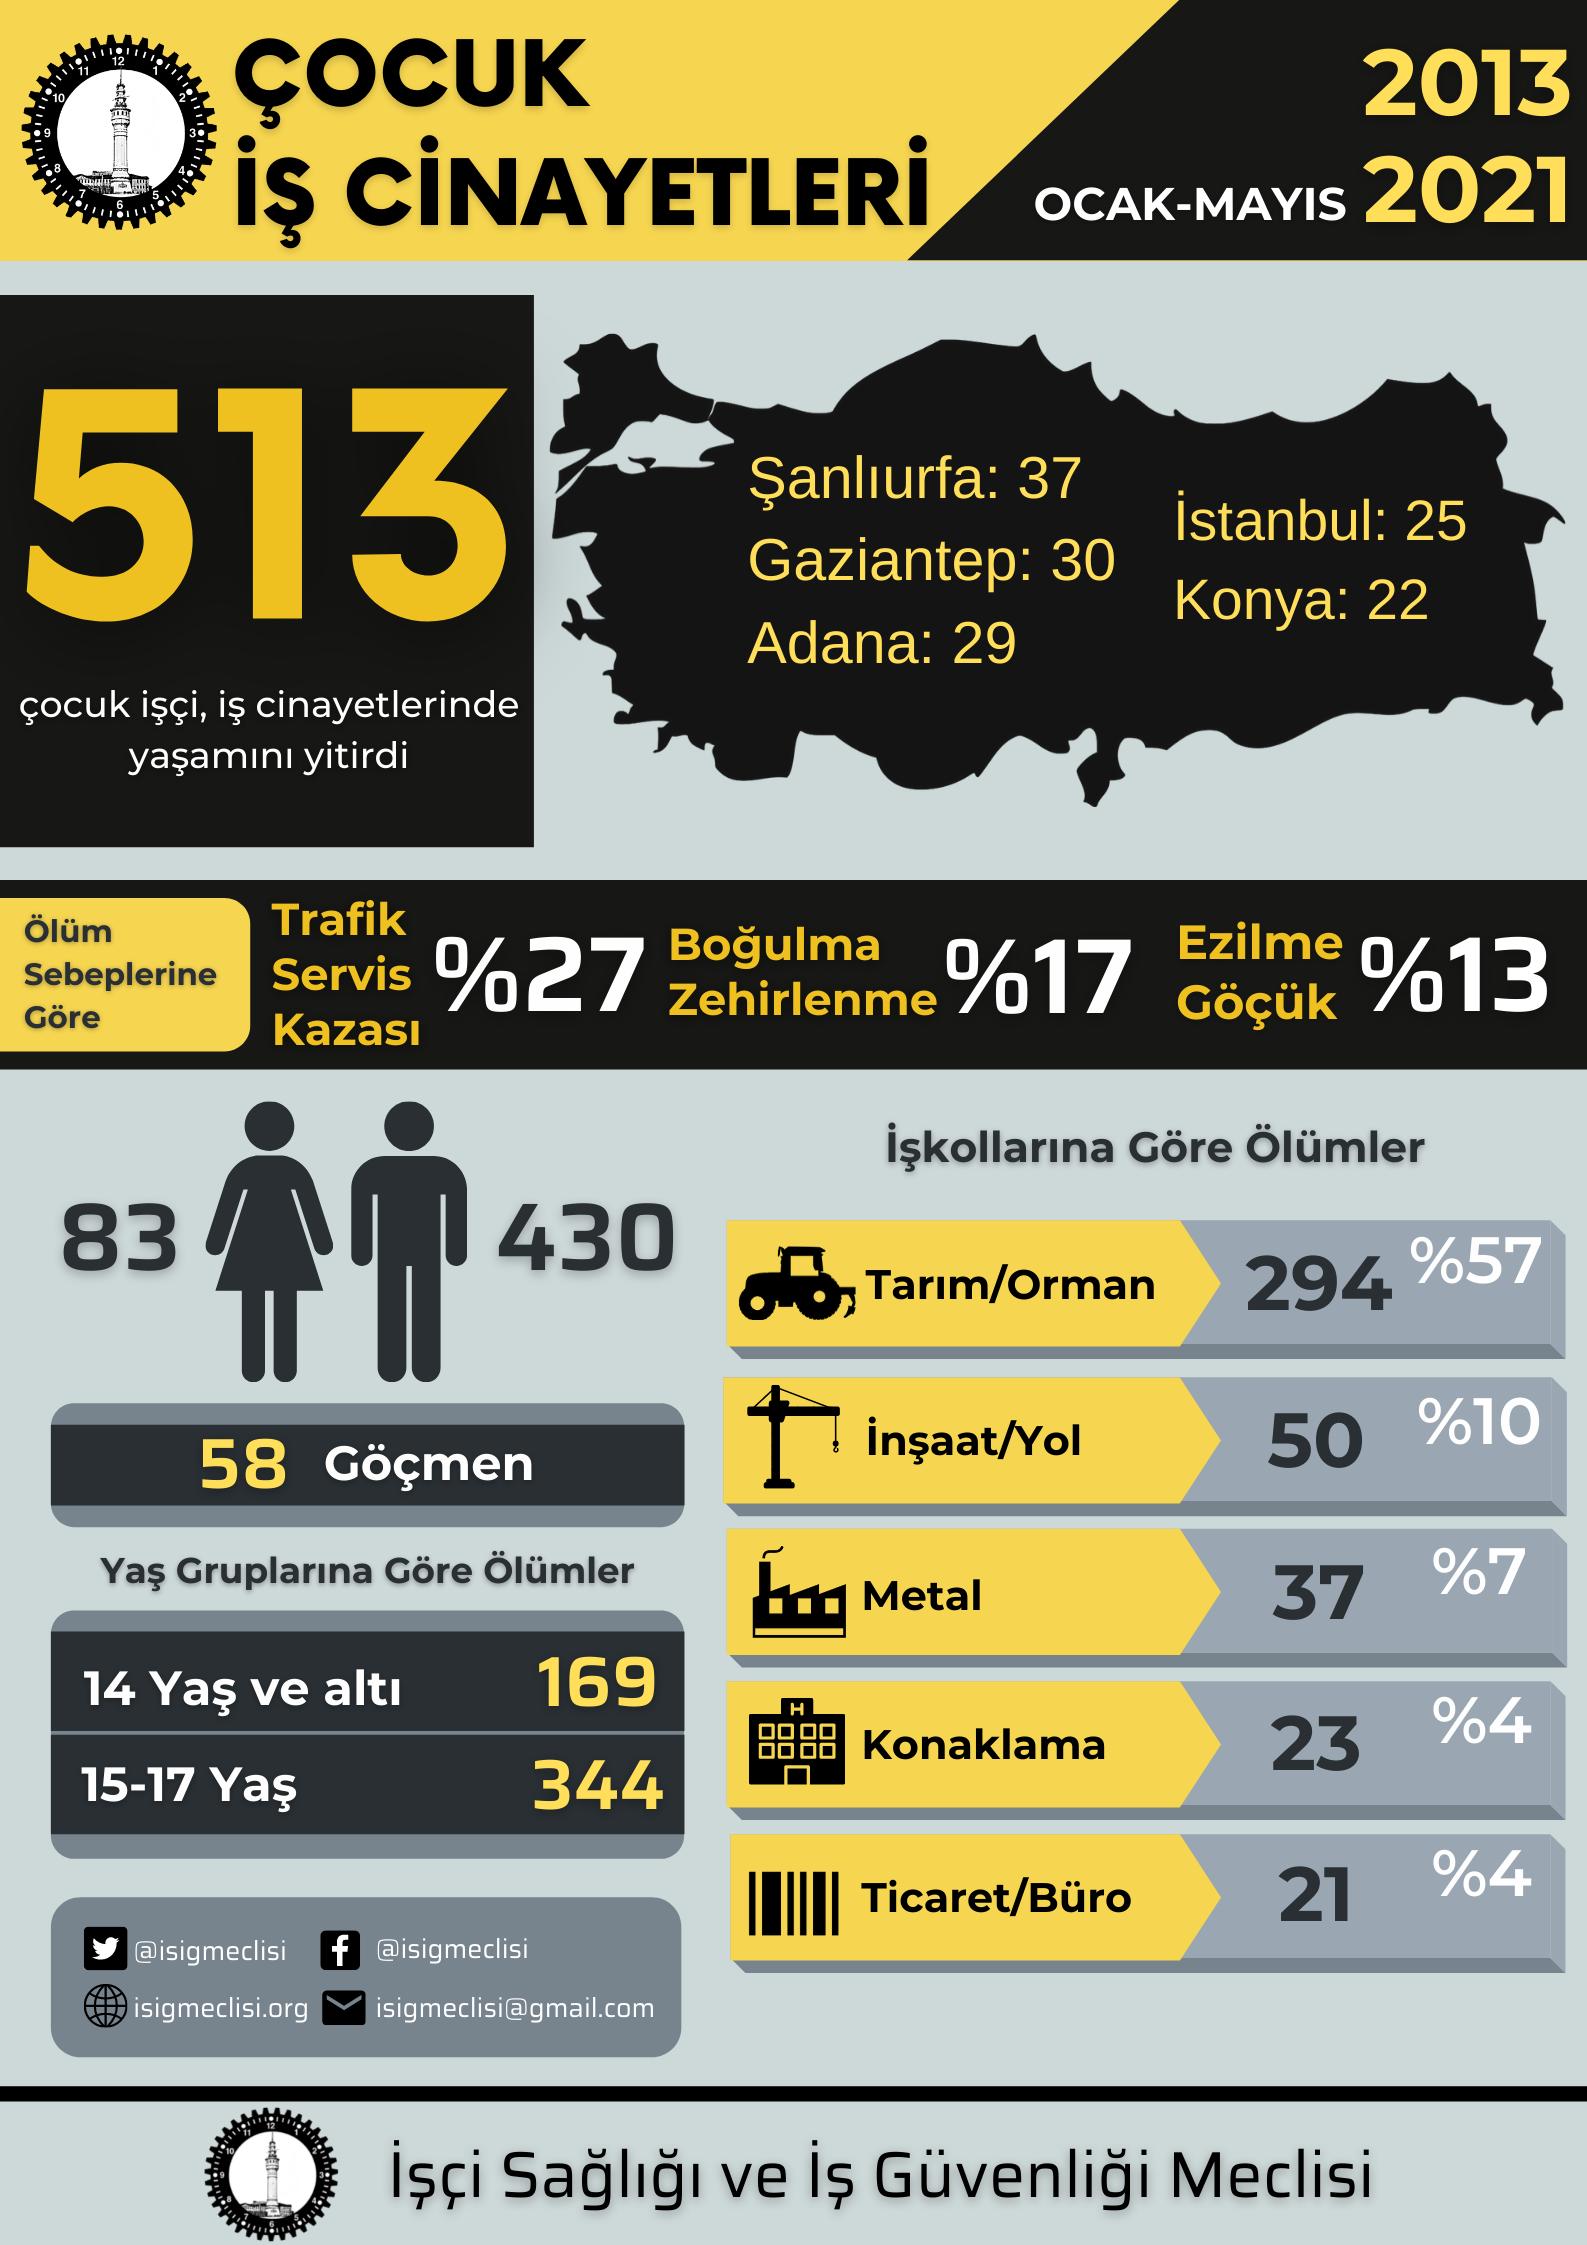 Çocuk İşçilik Yasaklansın! Son sekiz yılda en az 513 çocuk çalışırken hayatını kaybetti